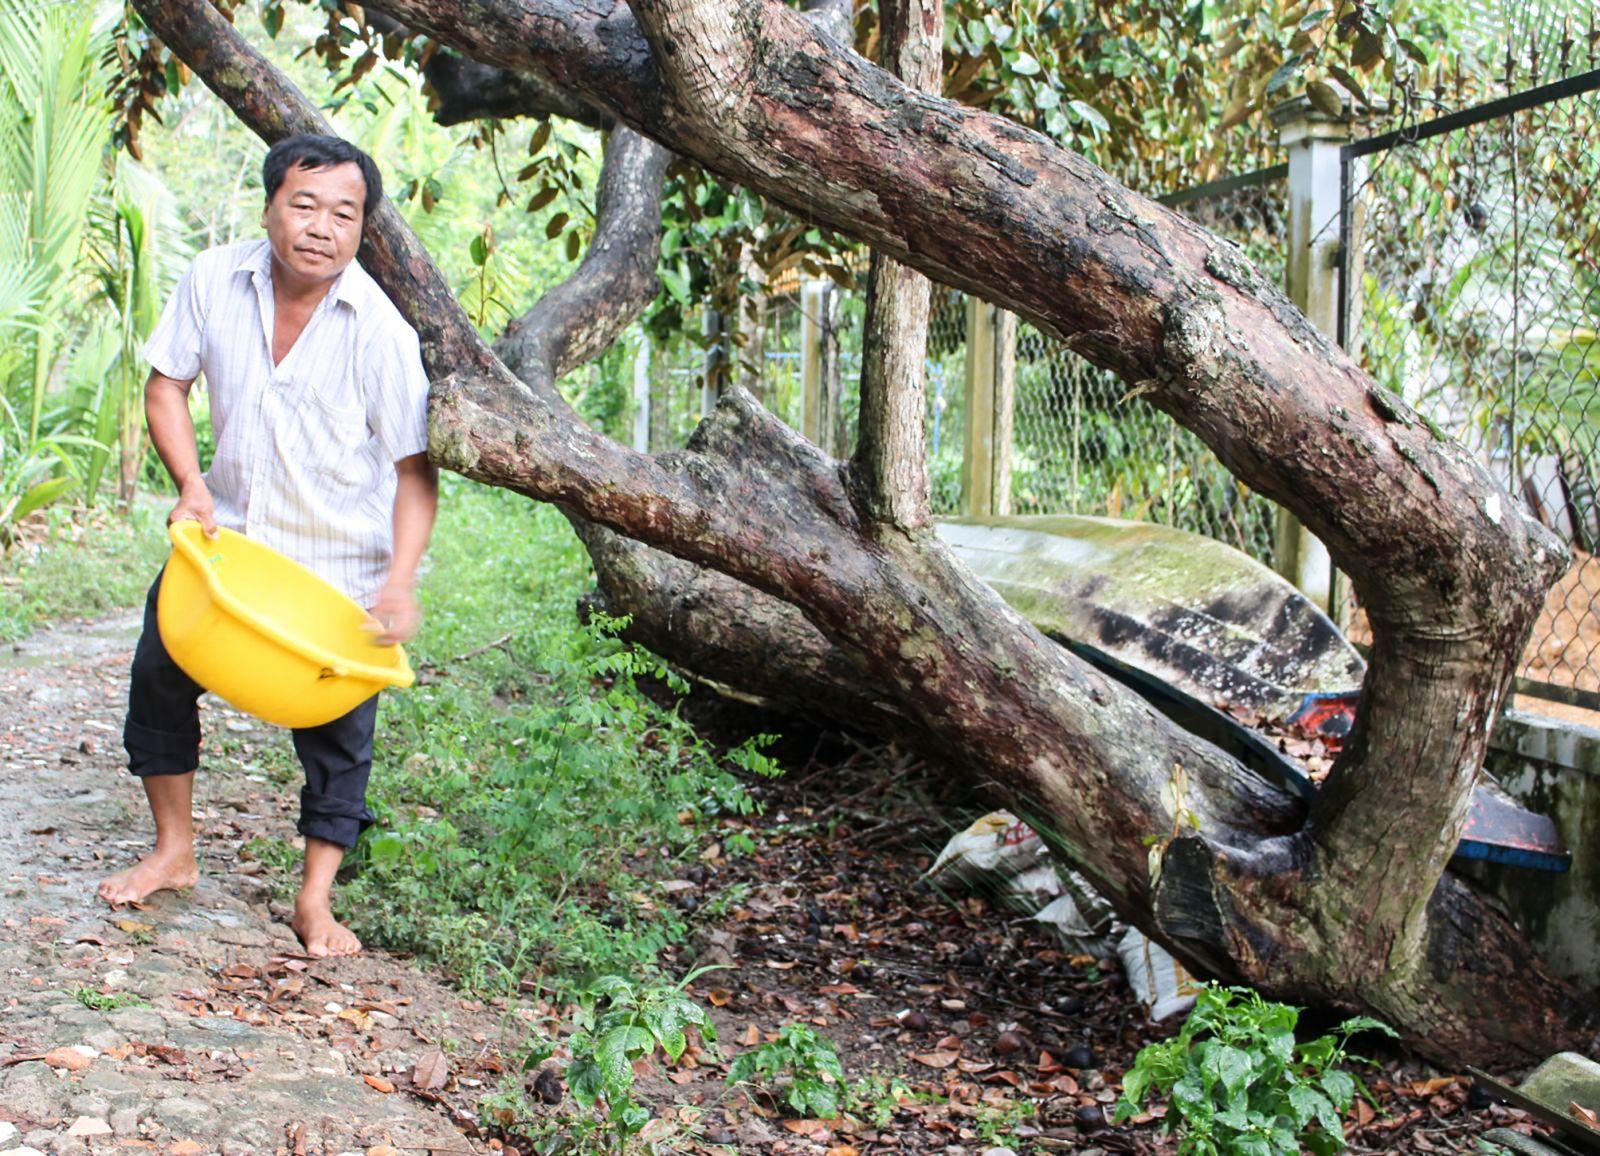 Tranh thủ những cơn mưa đầu mùa, ông Nguyễn Văn Tập bón phân thúc để cây vú sữa ra hoa nghịch vụ. Ảnh: K.V